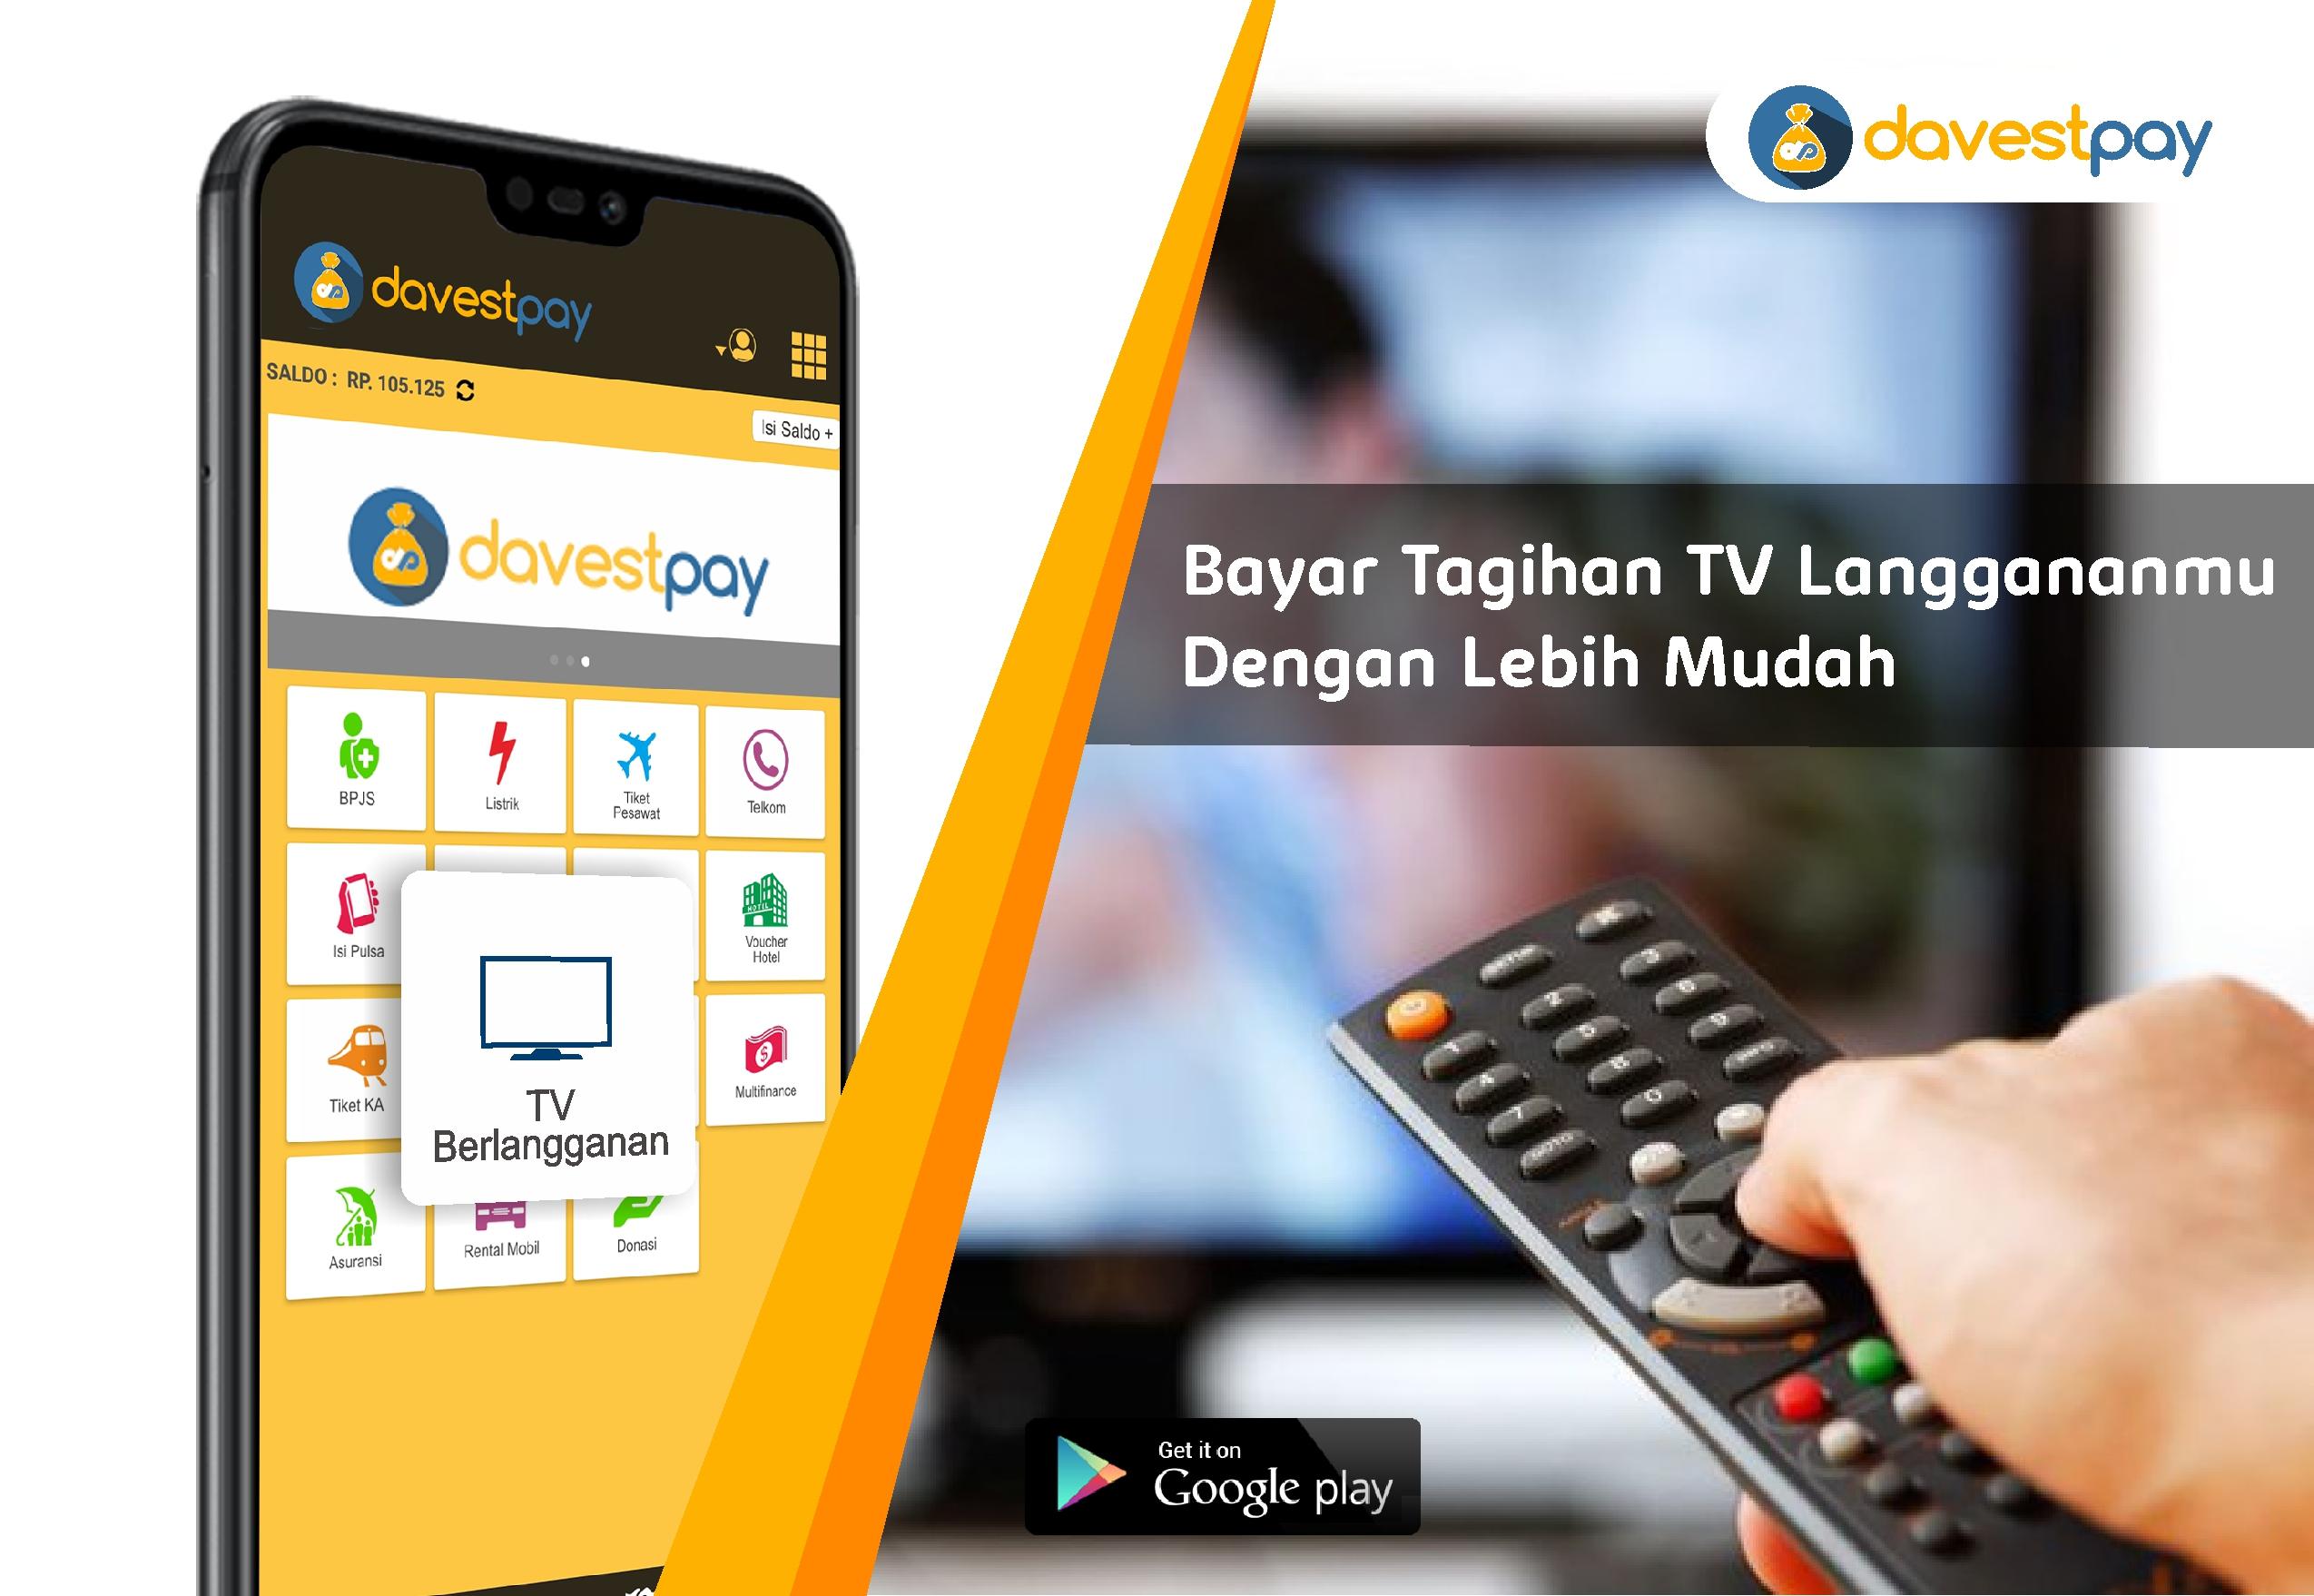 Bayar TV Berlangganan Hanya Lewat Aplikasi!